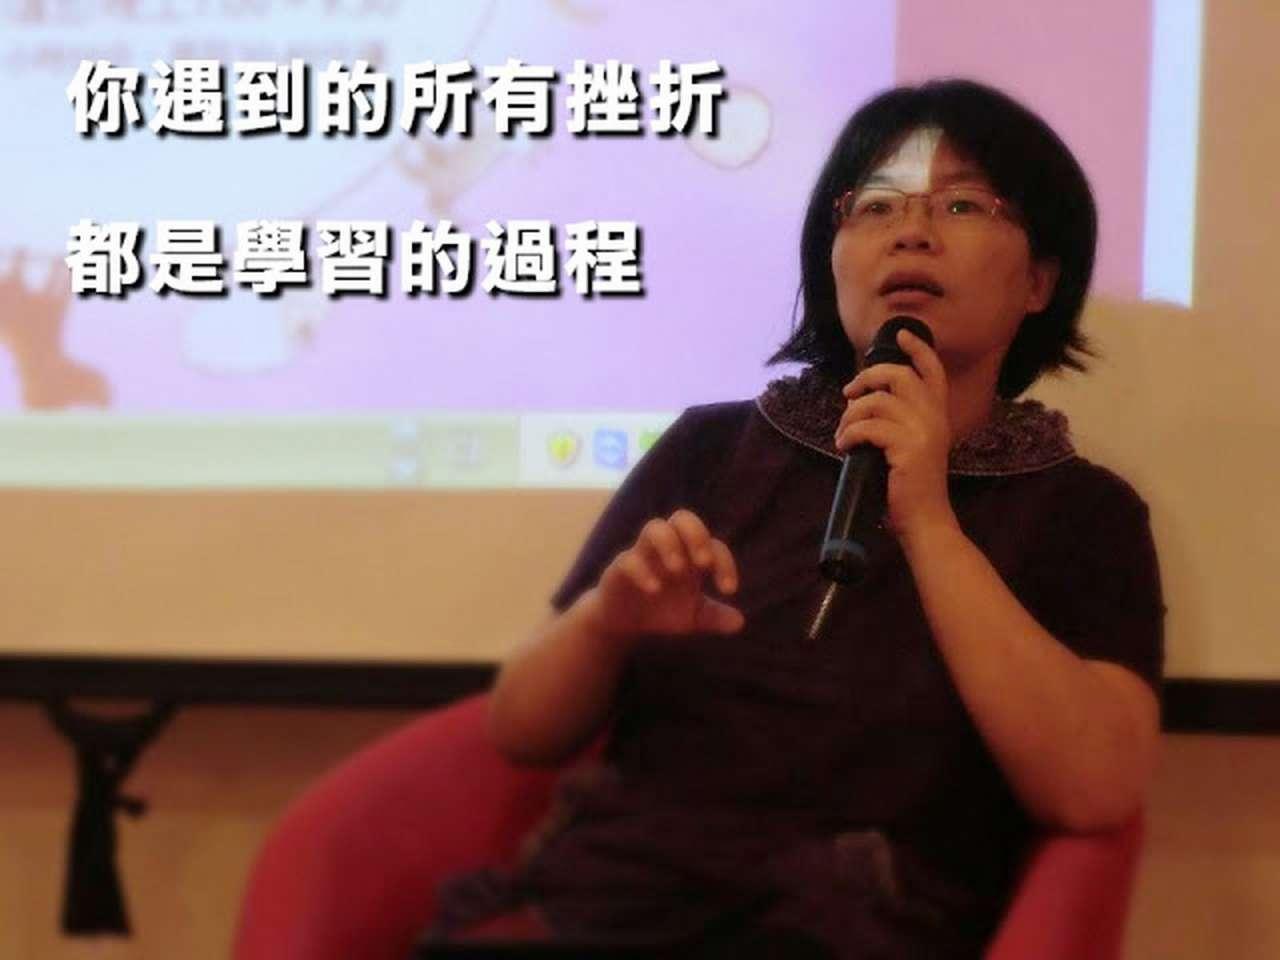 所有的挫折,都是學習的過程/專訪花蝶板橋國光影音租書館館長卓惠珠(花媽)